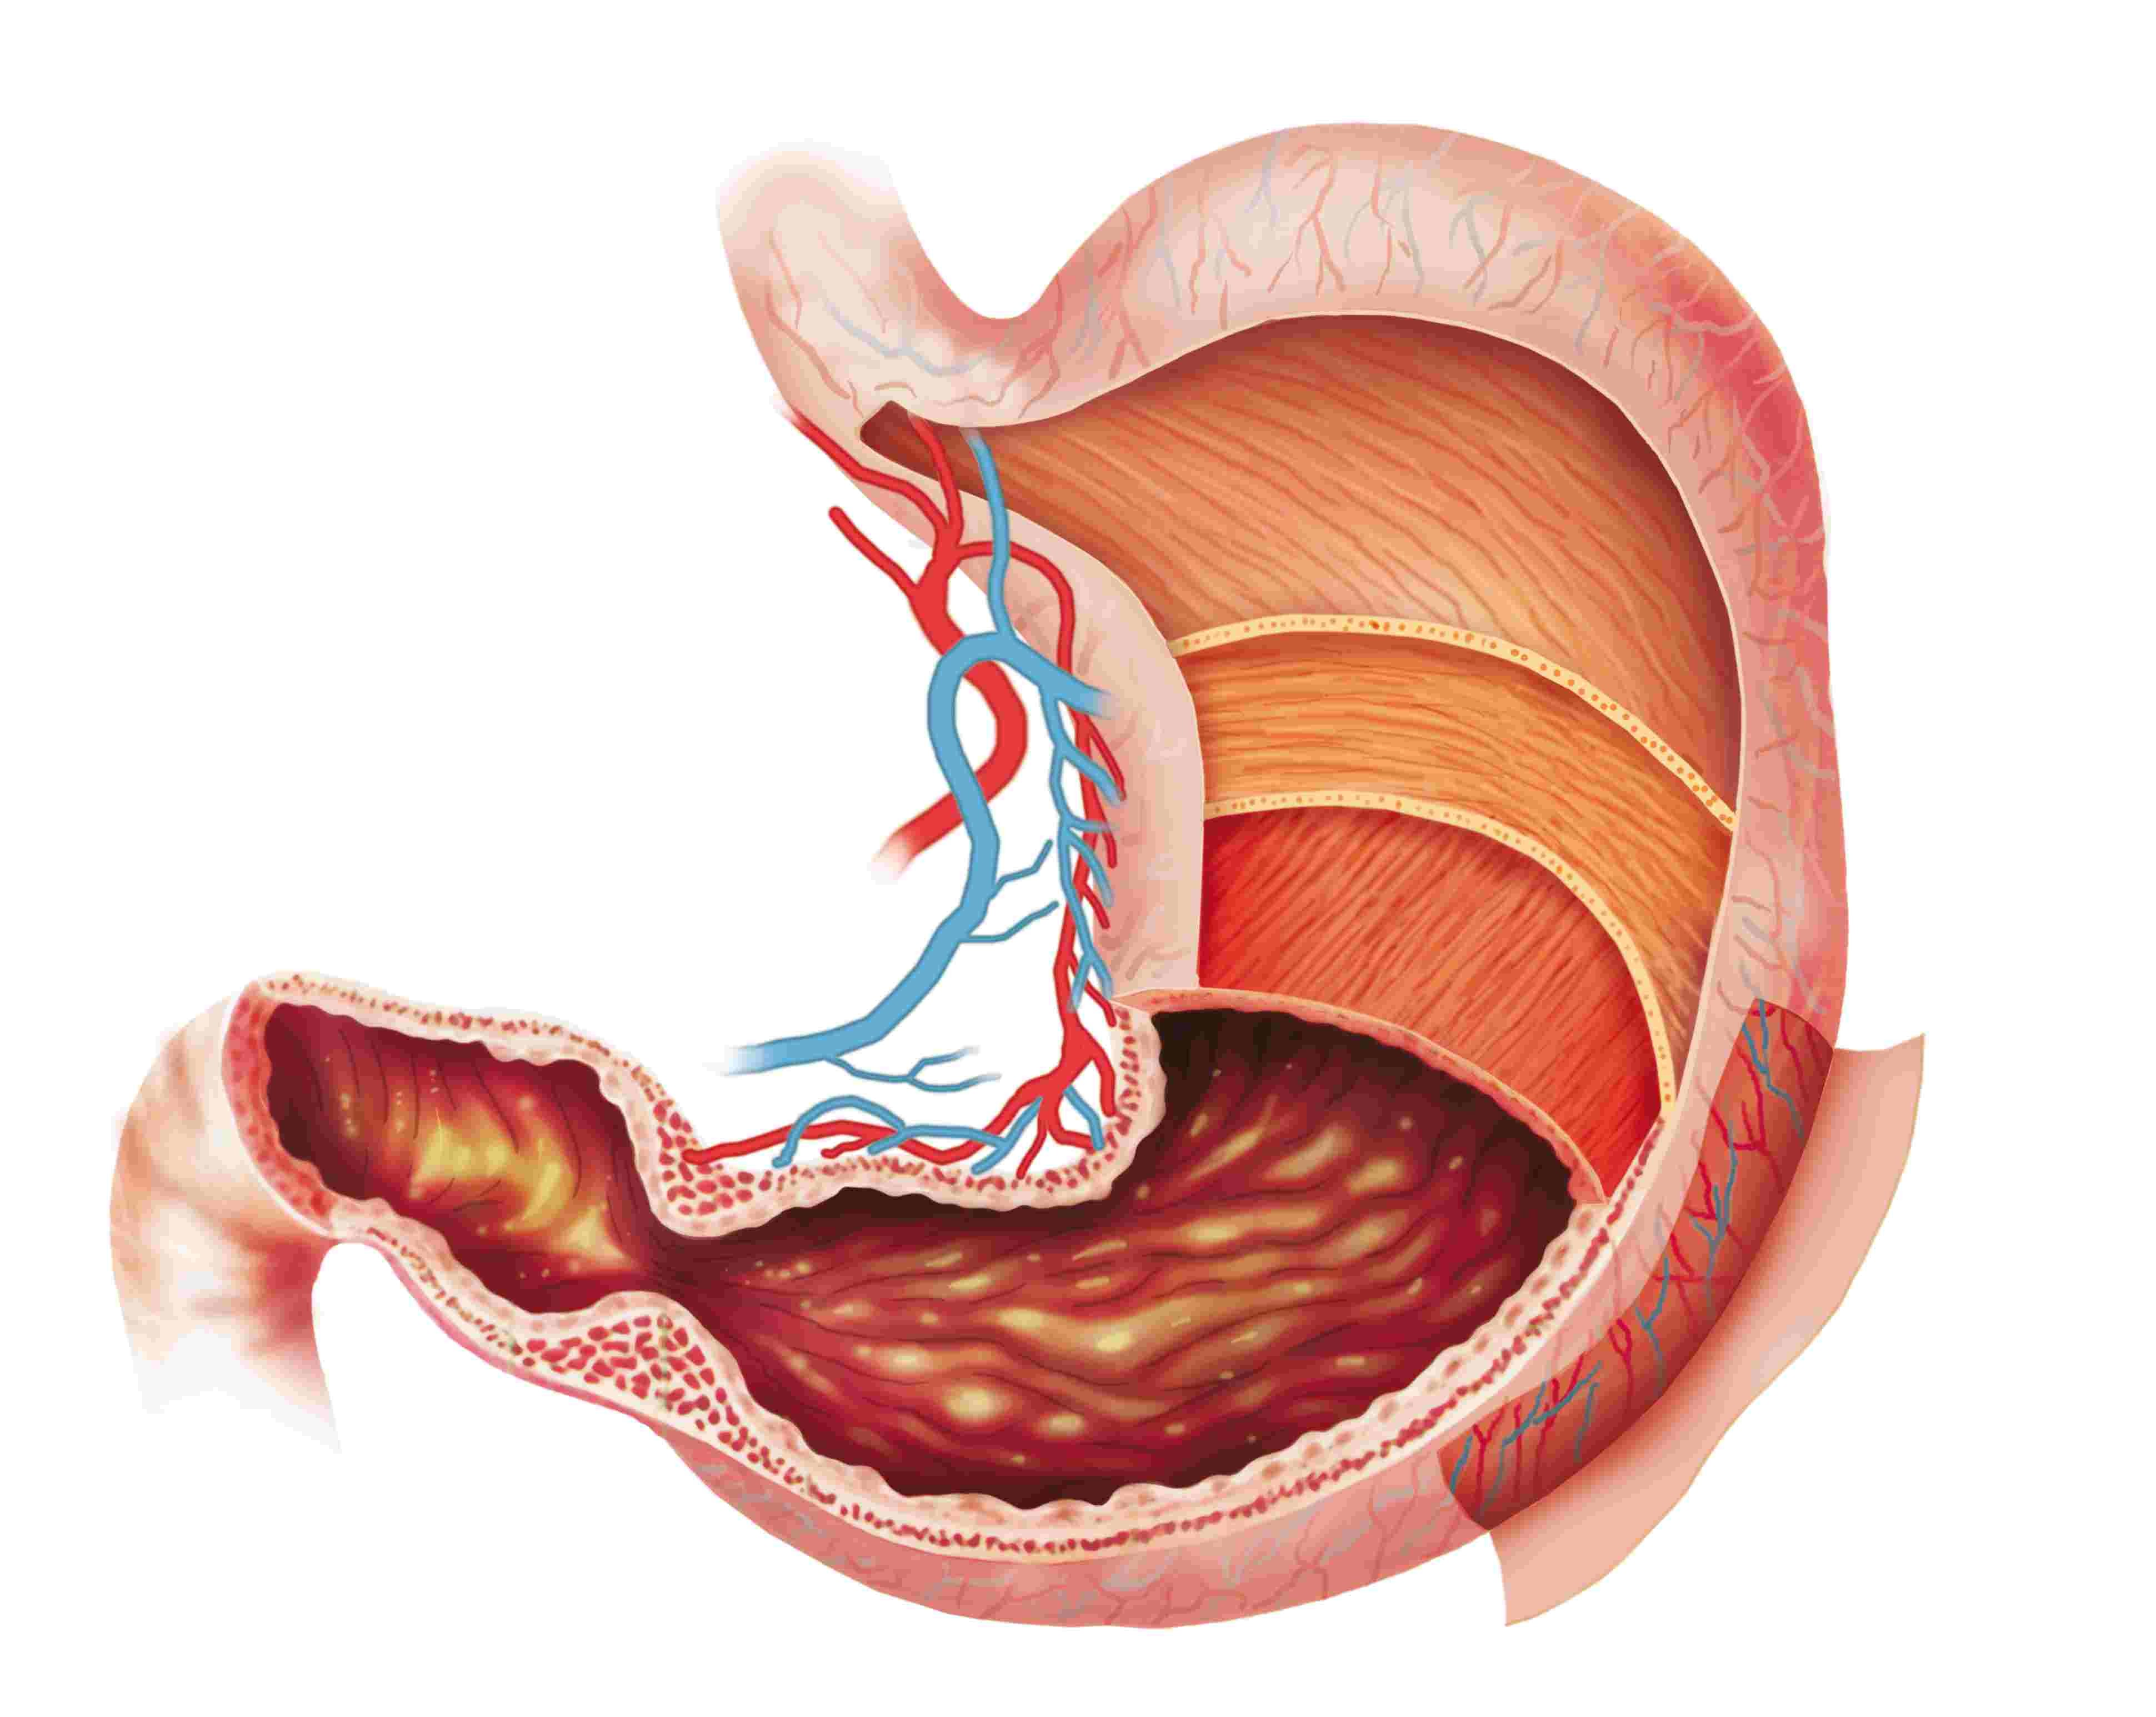 xuất huyết dạ dày là gì, xuất huyết dạ dày là như thế nào, xuất huyết dạ dày là bệnh gì, xuất huyết dạ dày là sao, viêm xuất huyết dạ dày là gì, chữa xuất huyết dạ dày tại nhà, điều trị xuất huyết dạ dày tại nhà, cách chữa xuất huyết dạ dày tại nhà